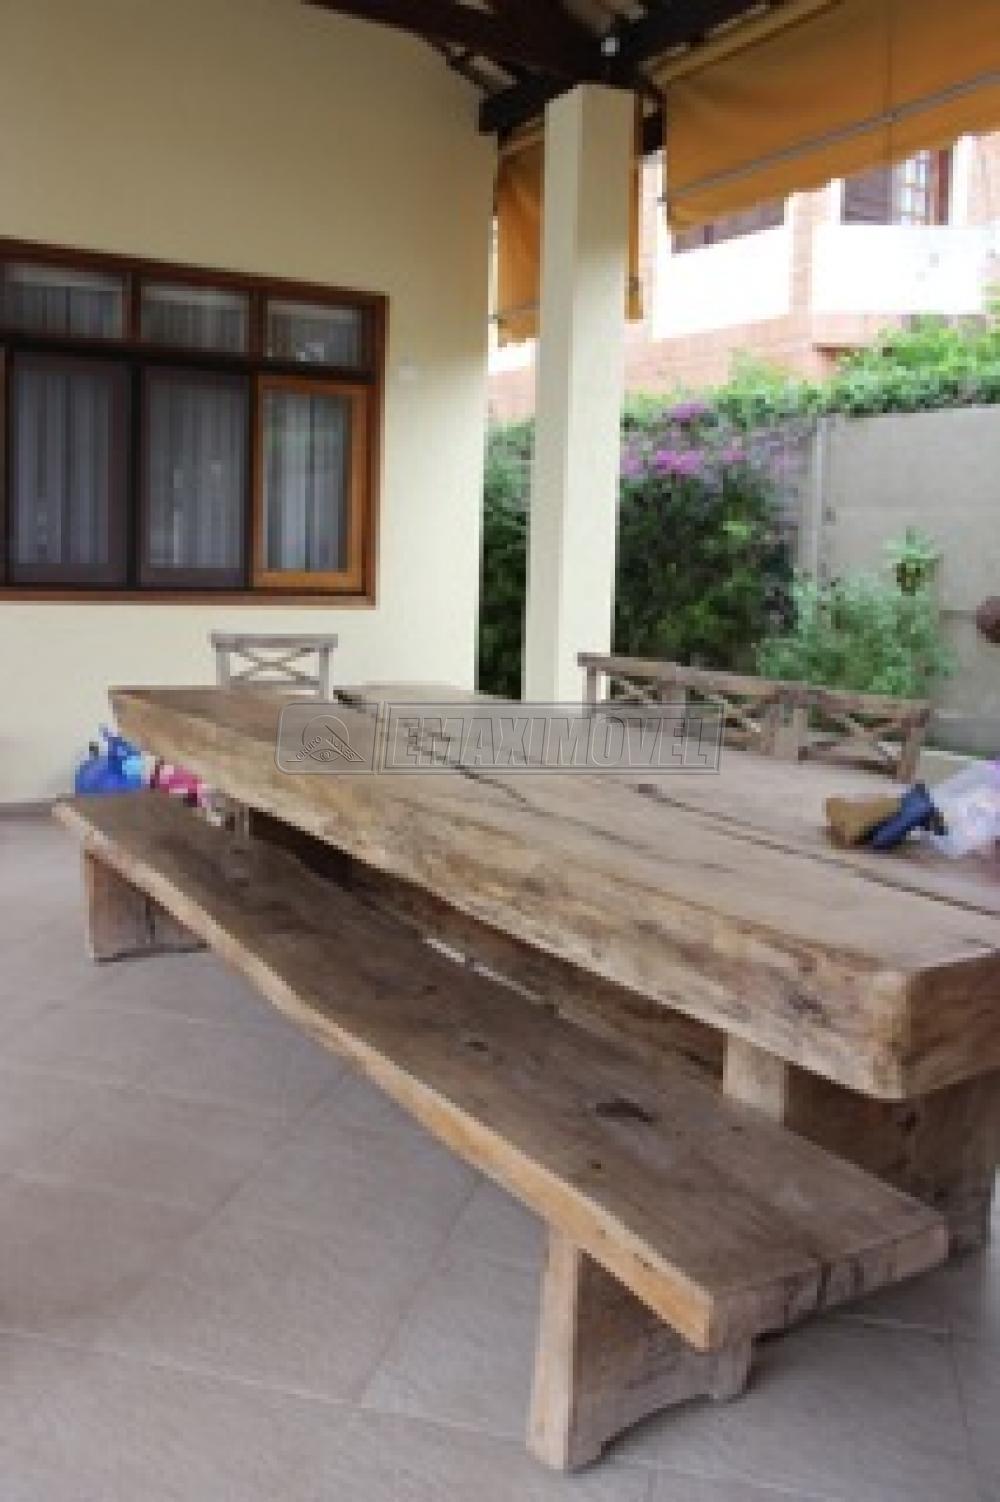 Comprar Casas / em Condomínios em Sorocaba R$ 1.600.000,00 - Foto 48